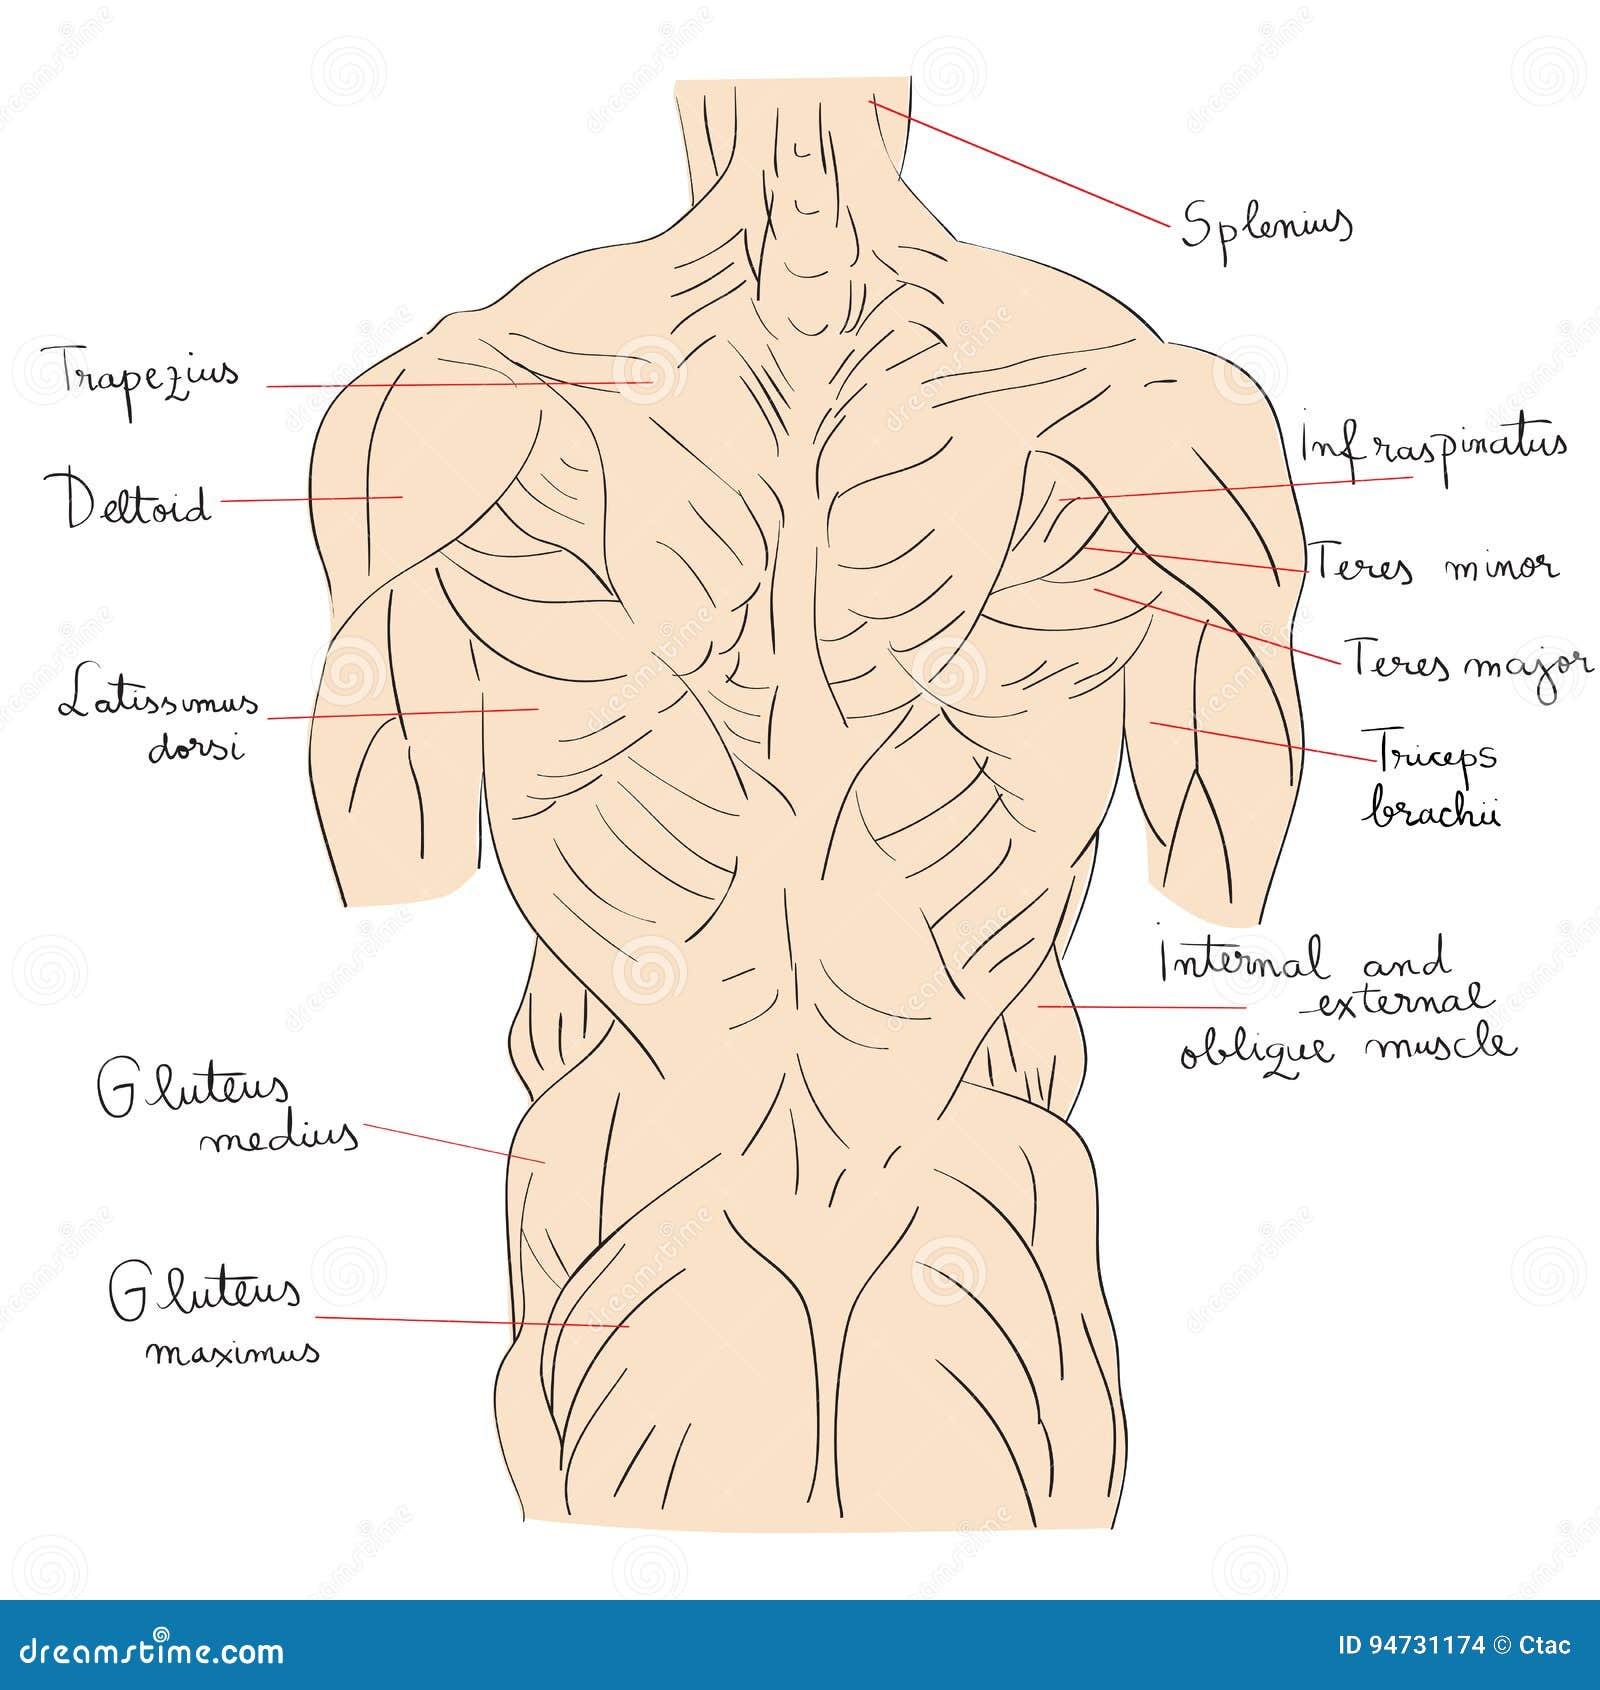 Torso mischt zurück mit stock abbildung. Illustration von anatomie ...